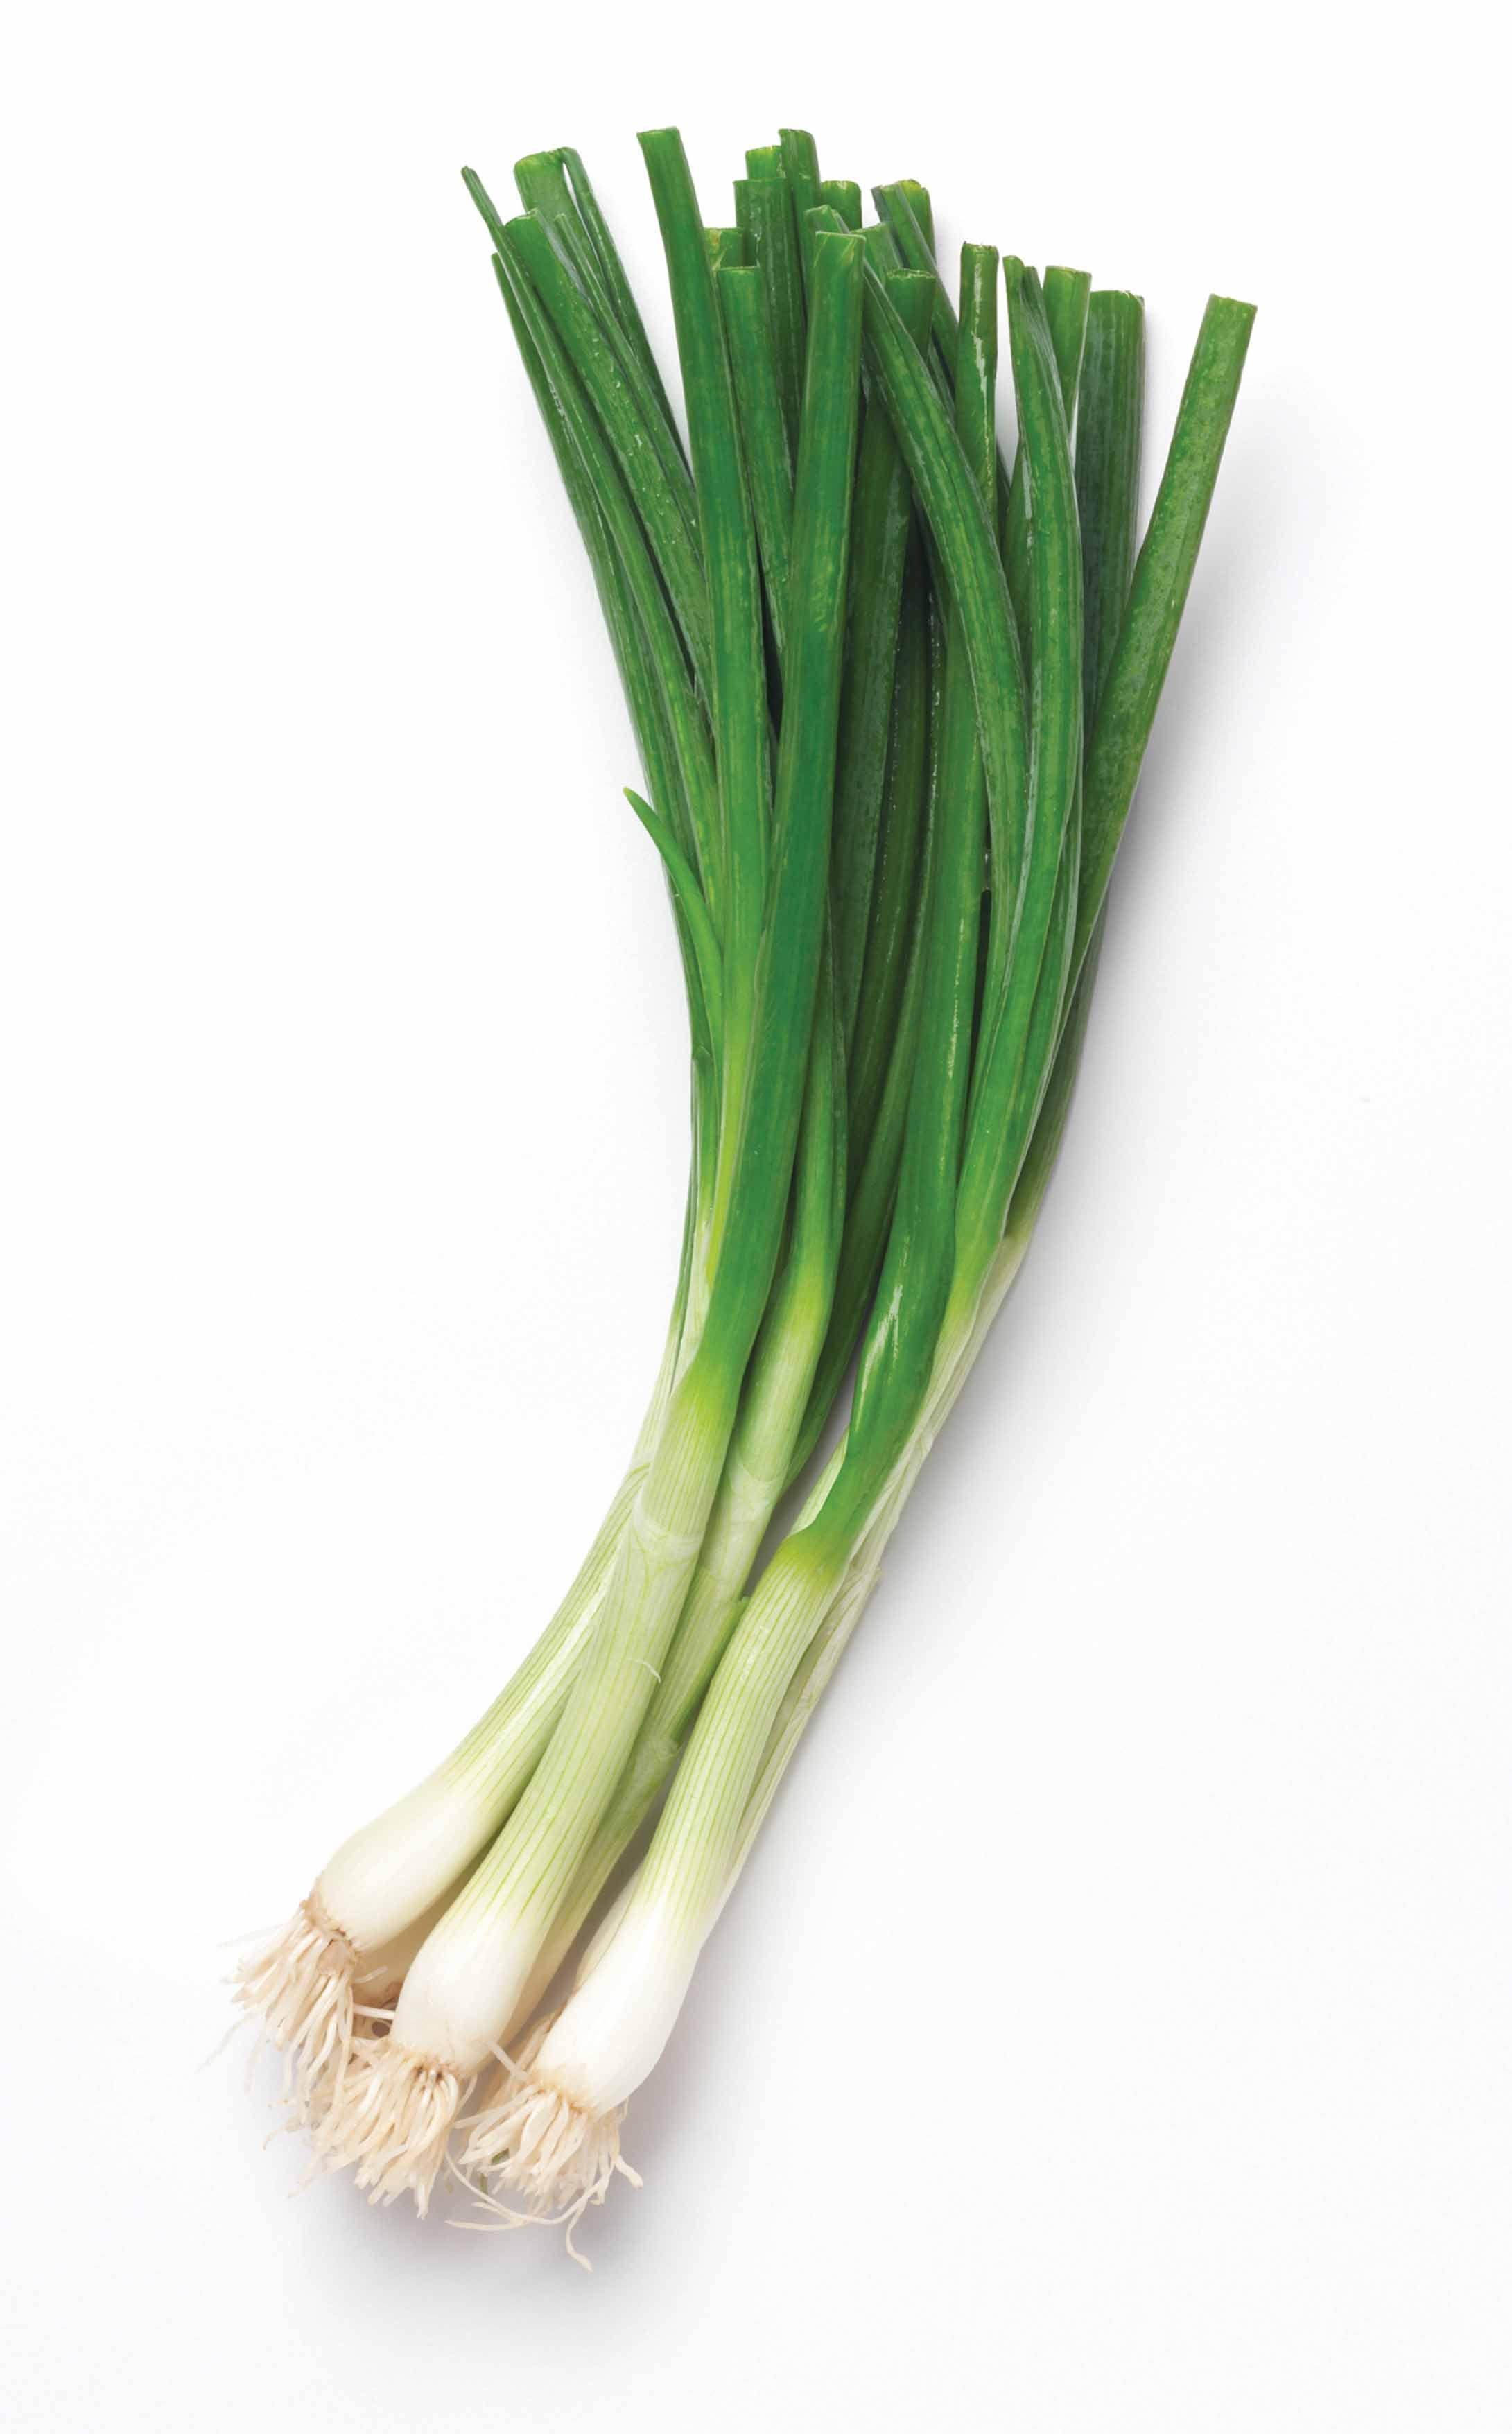 лазер картинка зеленого лука для маски уже говорил